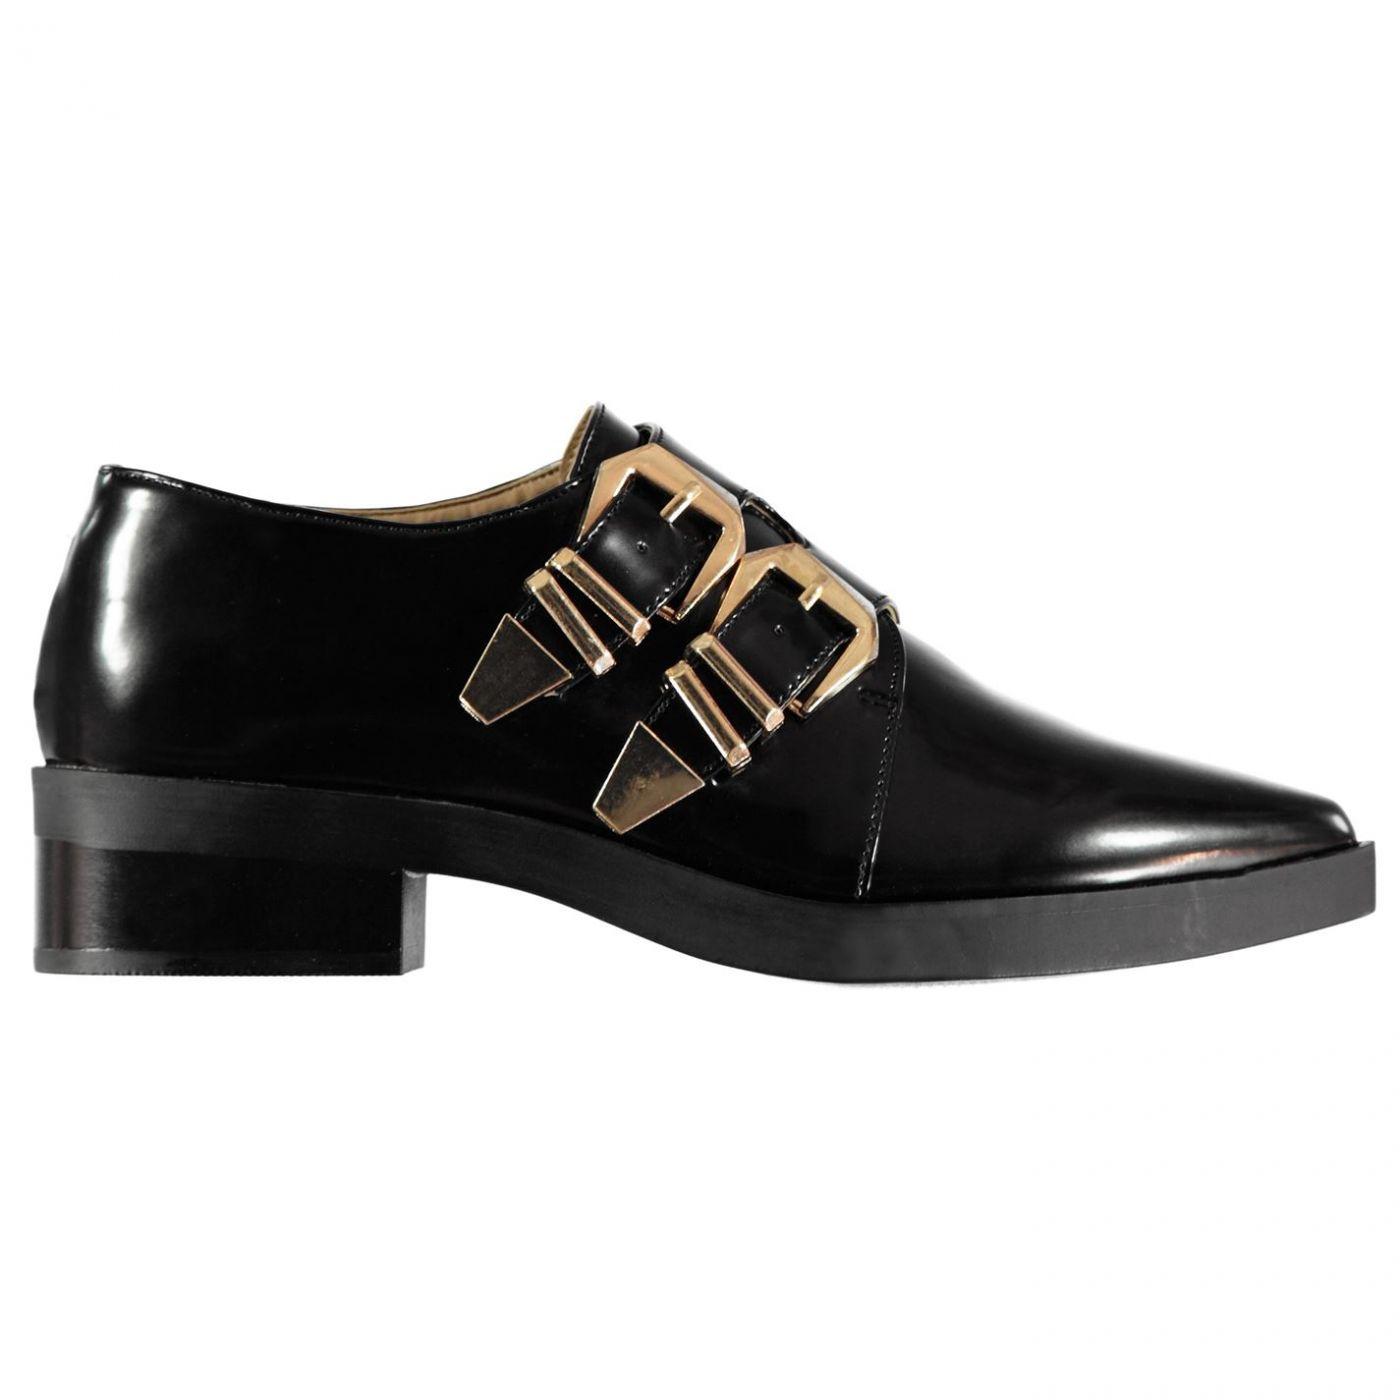 468f8f77e Výpredaj - dámska obuv - FACTCOOL